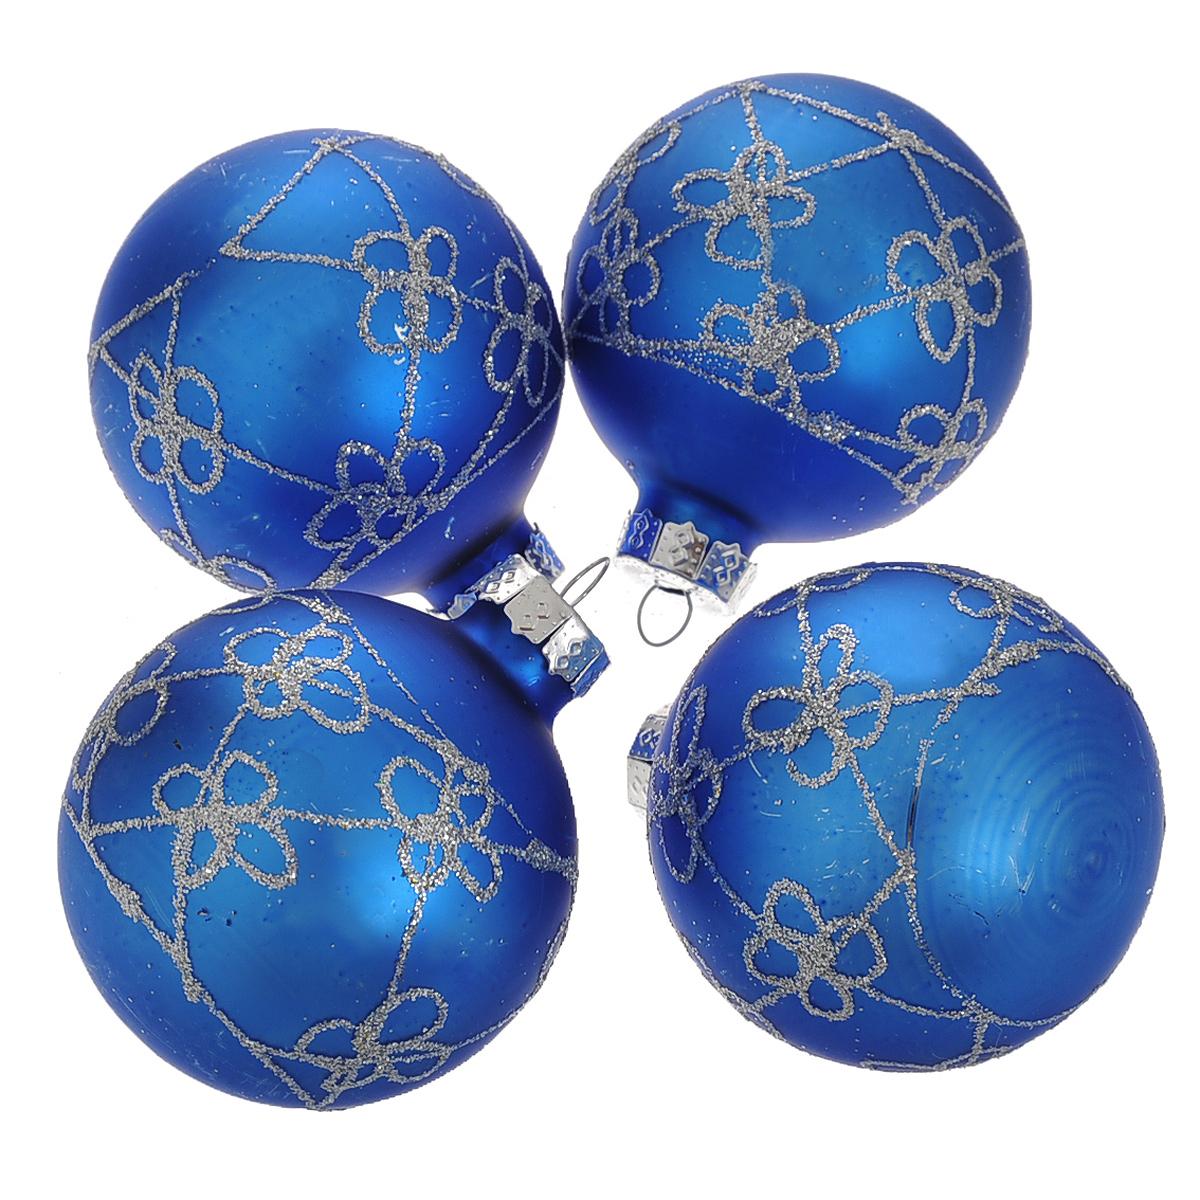 Набор новогодних подвесных украшений Шар, цвет: серебристый, синий, диаметр 6 см, 4 шт. 3449234492Набор новогодних подвесных украшений Шар прекрасно подойдет для праздничного декора новогодней ели. Состоит из четырех шаров. Елочная игрушка - символ Нового года. Она несет в себе волшебство и красоту праздника. Создайте в своем доме атмосферу веселья и радости, украшая новогоднюю елку нарядными игрушками, которые будут из года в год накапливать теплоту воспоминаний. Коллекция декоративных украшений принесет в ваш дом ни с чем несравнимое ощущение волшебства! Откройте для себя удивительный мир сказок и грез. Почувствуйте волшебные минуты ожидания праздника, создайте новогоднее настроение вашим дорогим и близким.